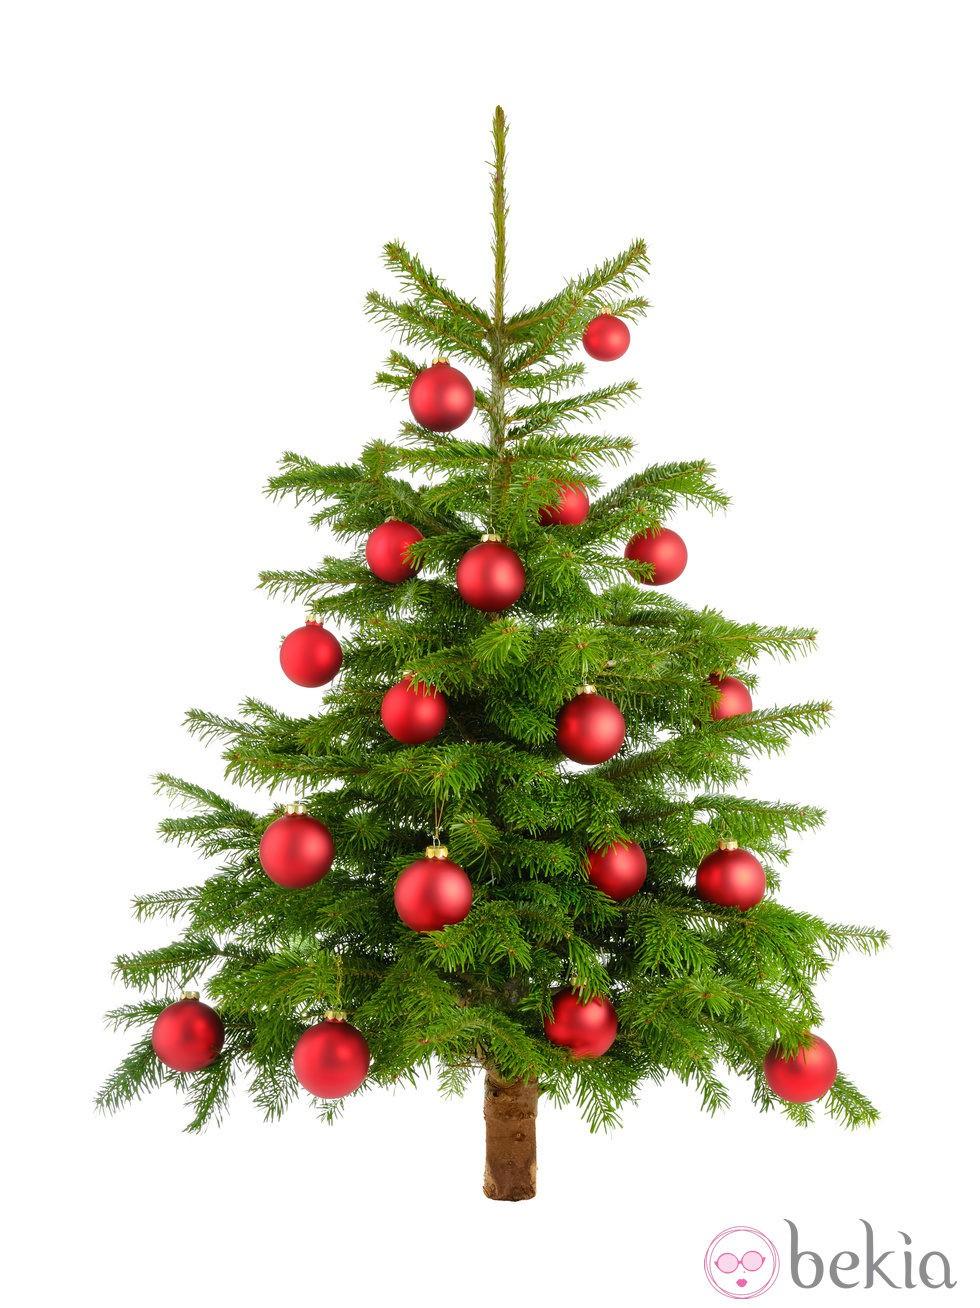 rbol de navidad decorado con bolas rojas ideas para ForArbol De Navidad Con Bolas Rojas